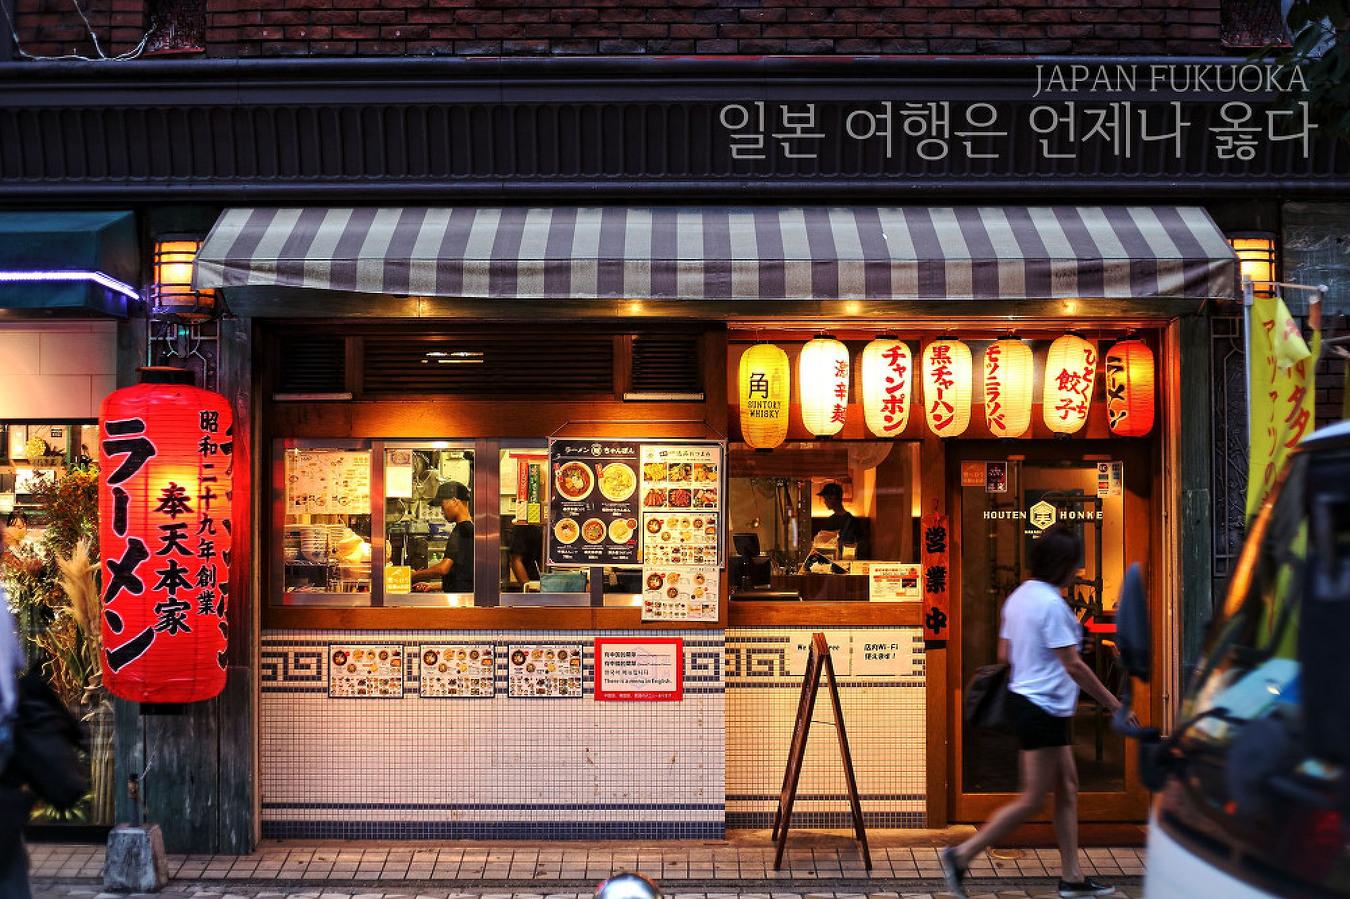 일본 여행은 언제나 옳다 in FUKUOKA